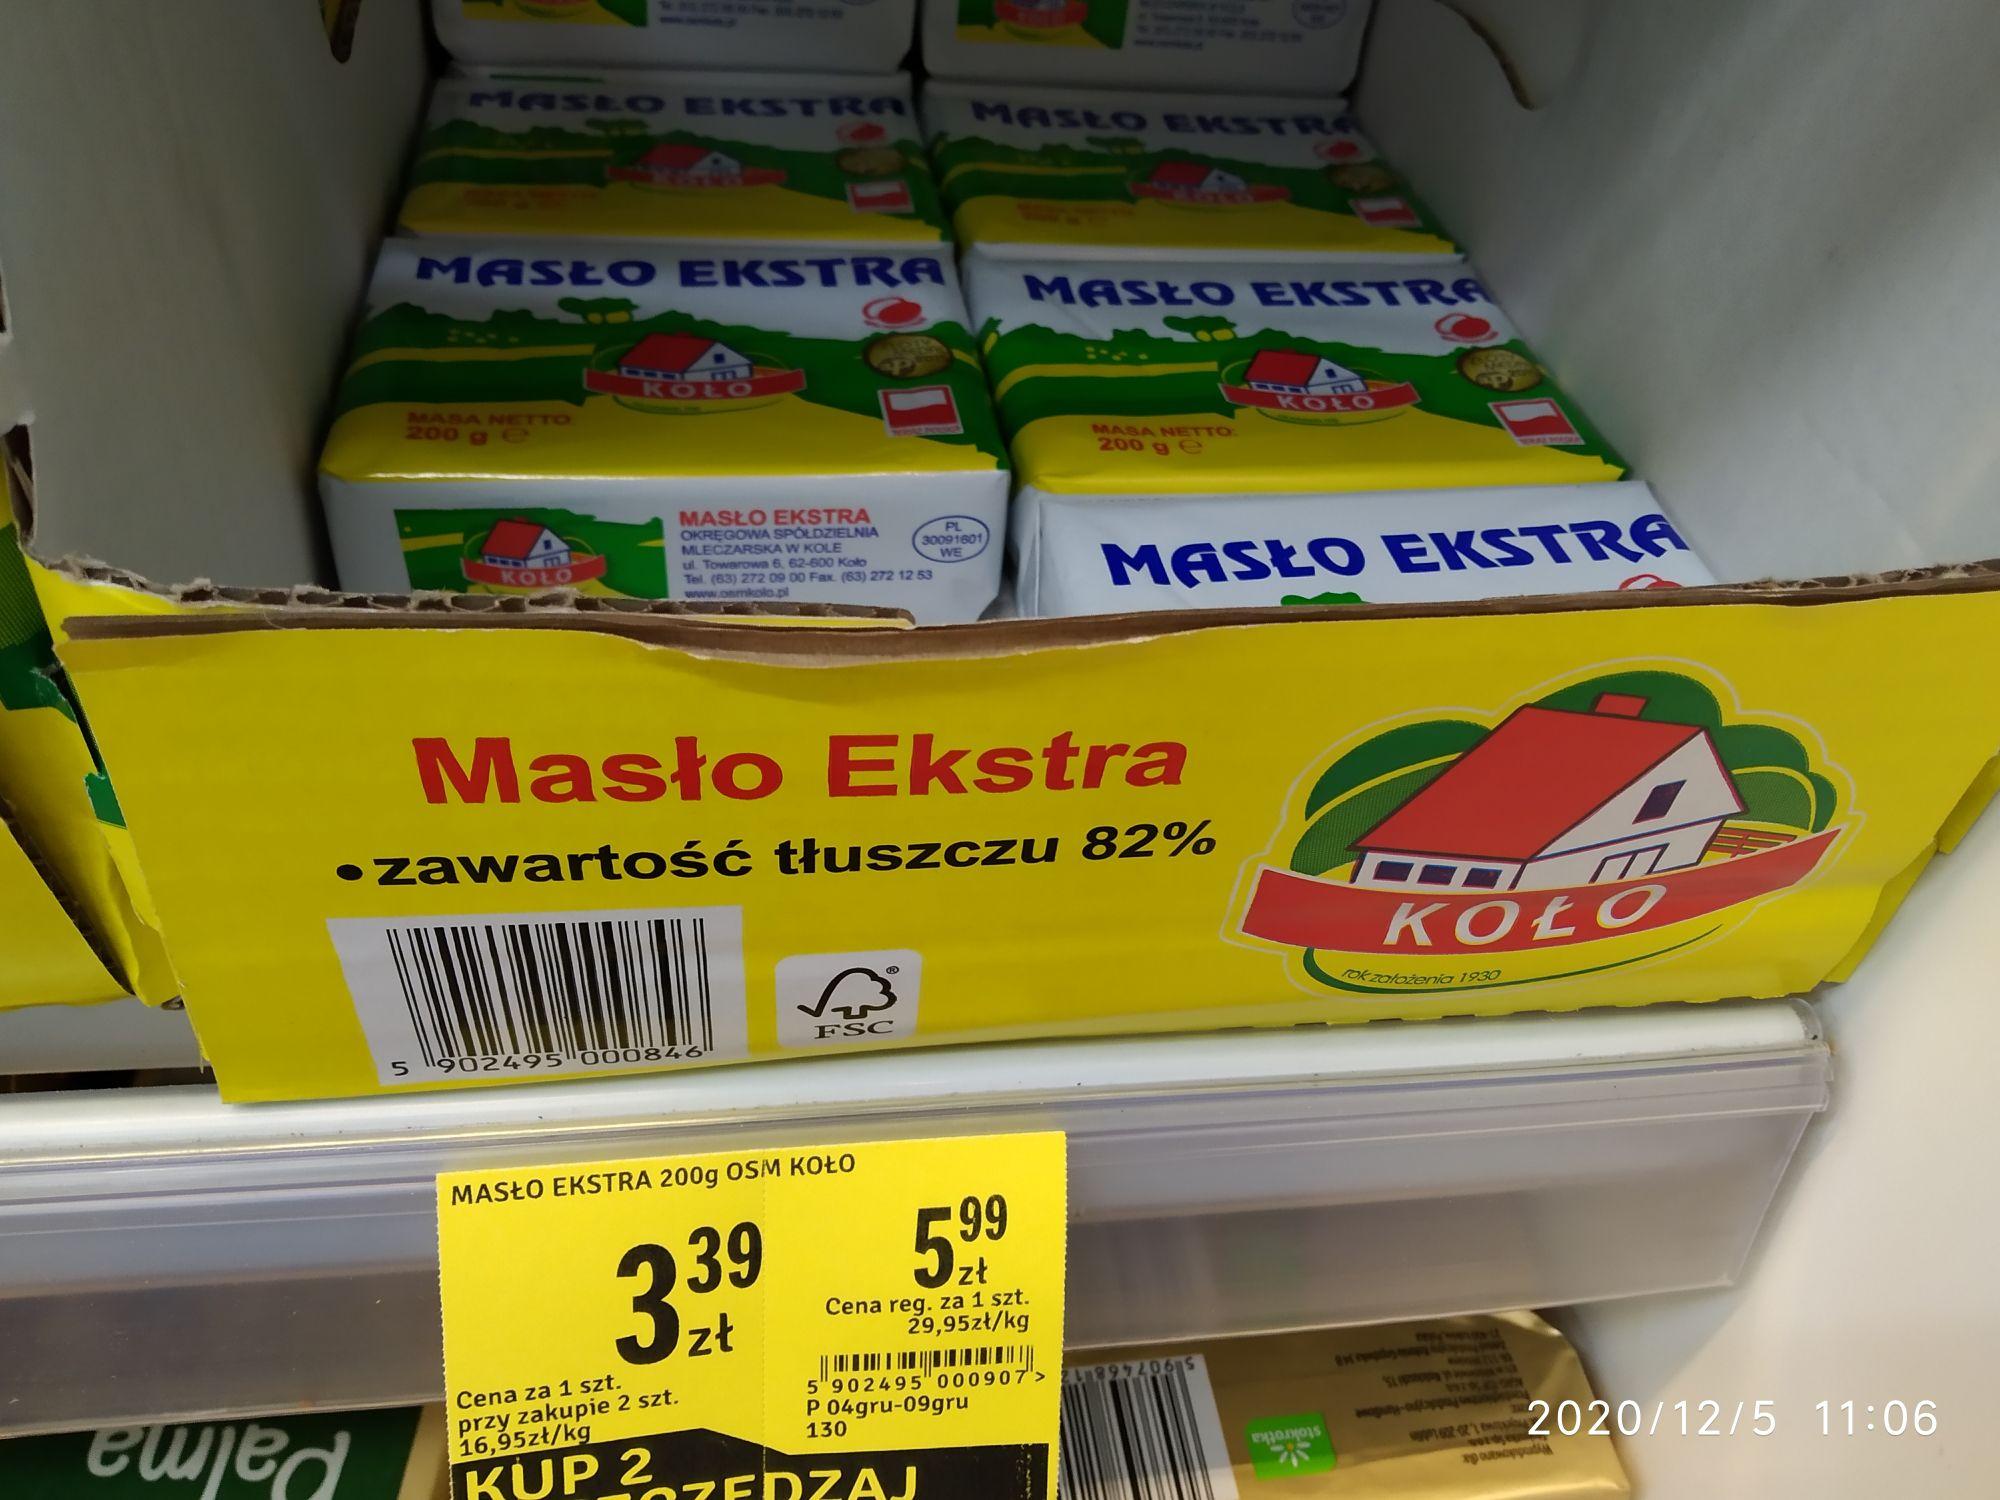 Stokrotka - Masło ekstra Koło przy zakupie dwóch sztuk